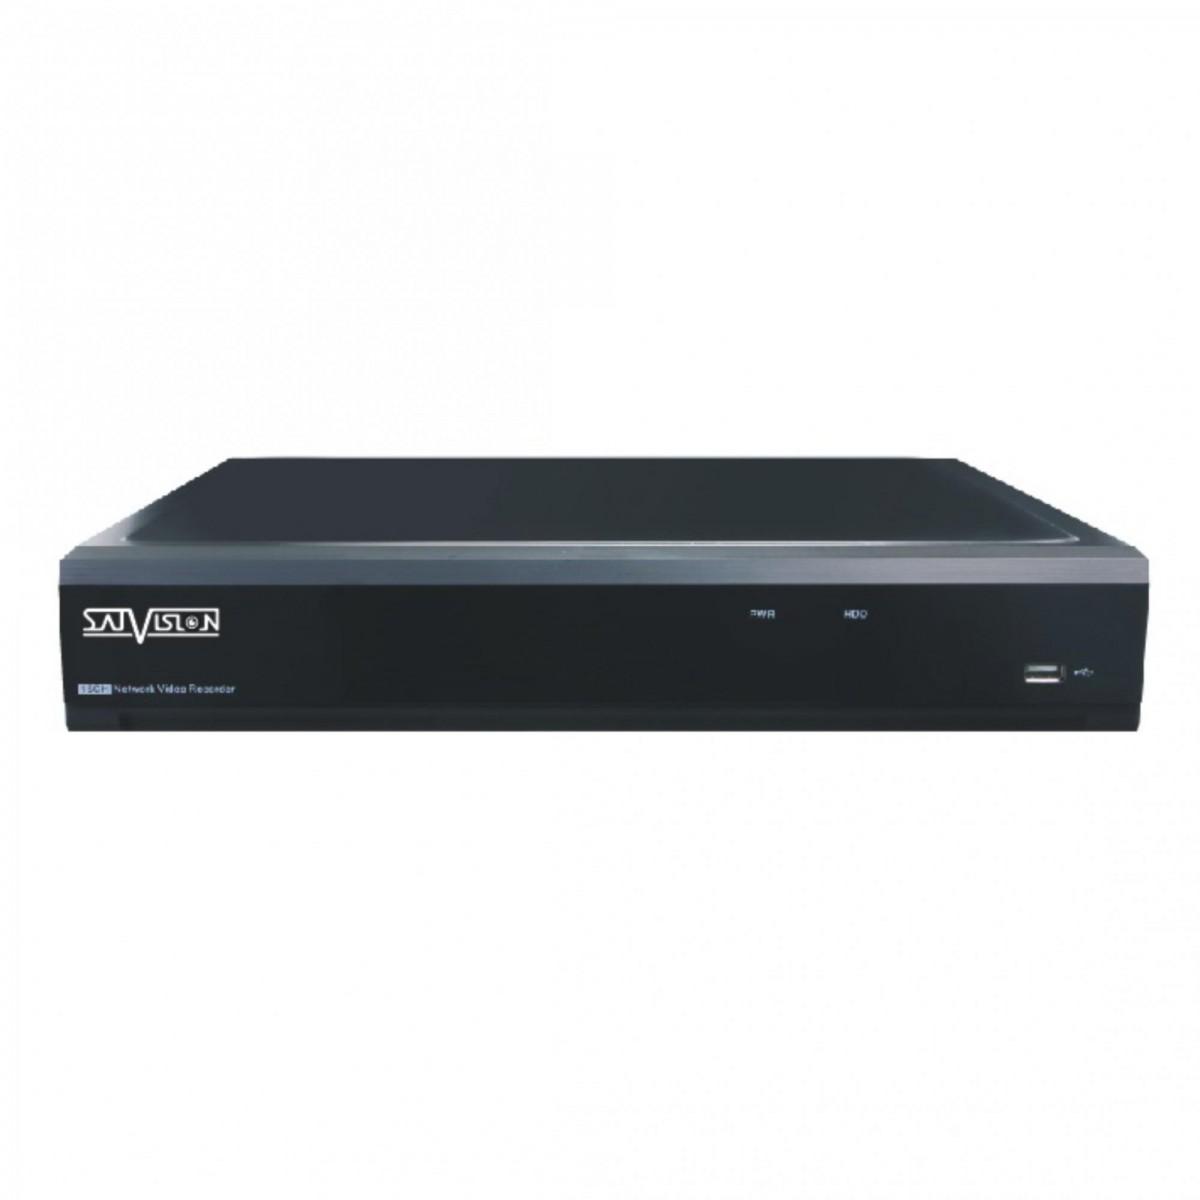 Цифровой видеорегистратор Satvision SVR-4115P гибридный